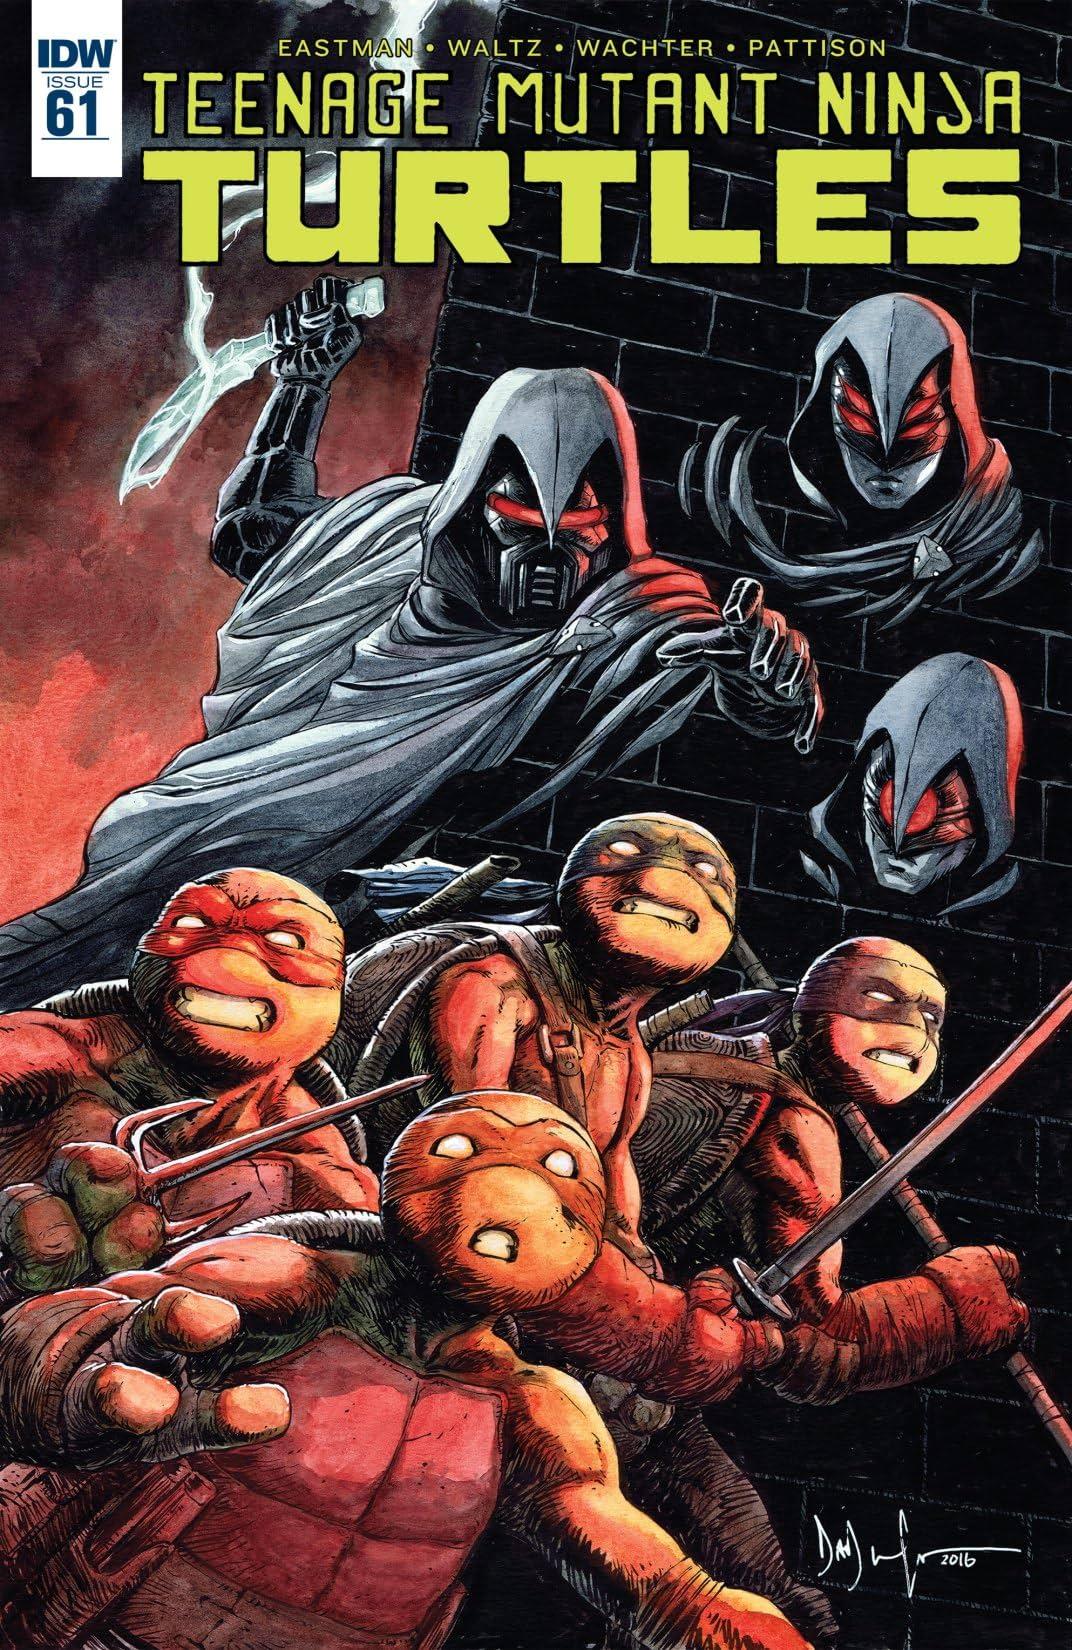 Teenage Mutant Ninja Turtles #61